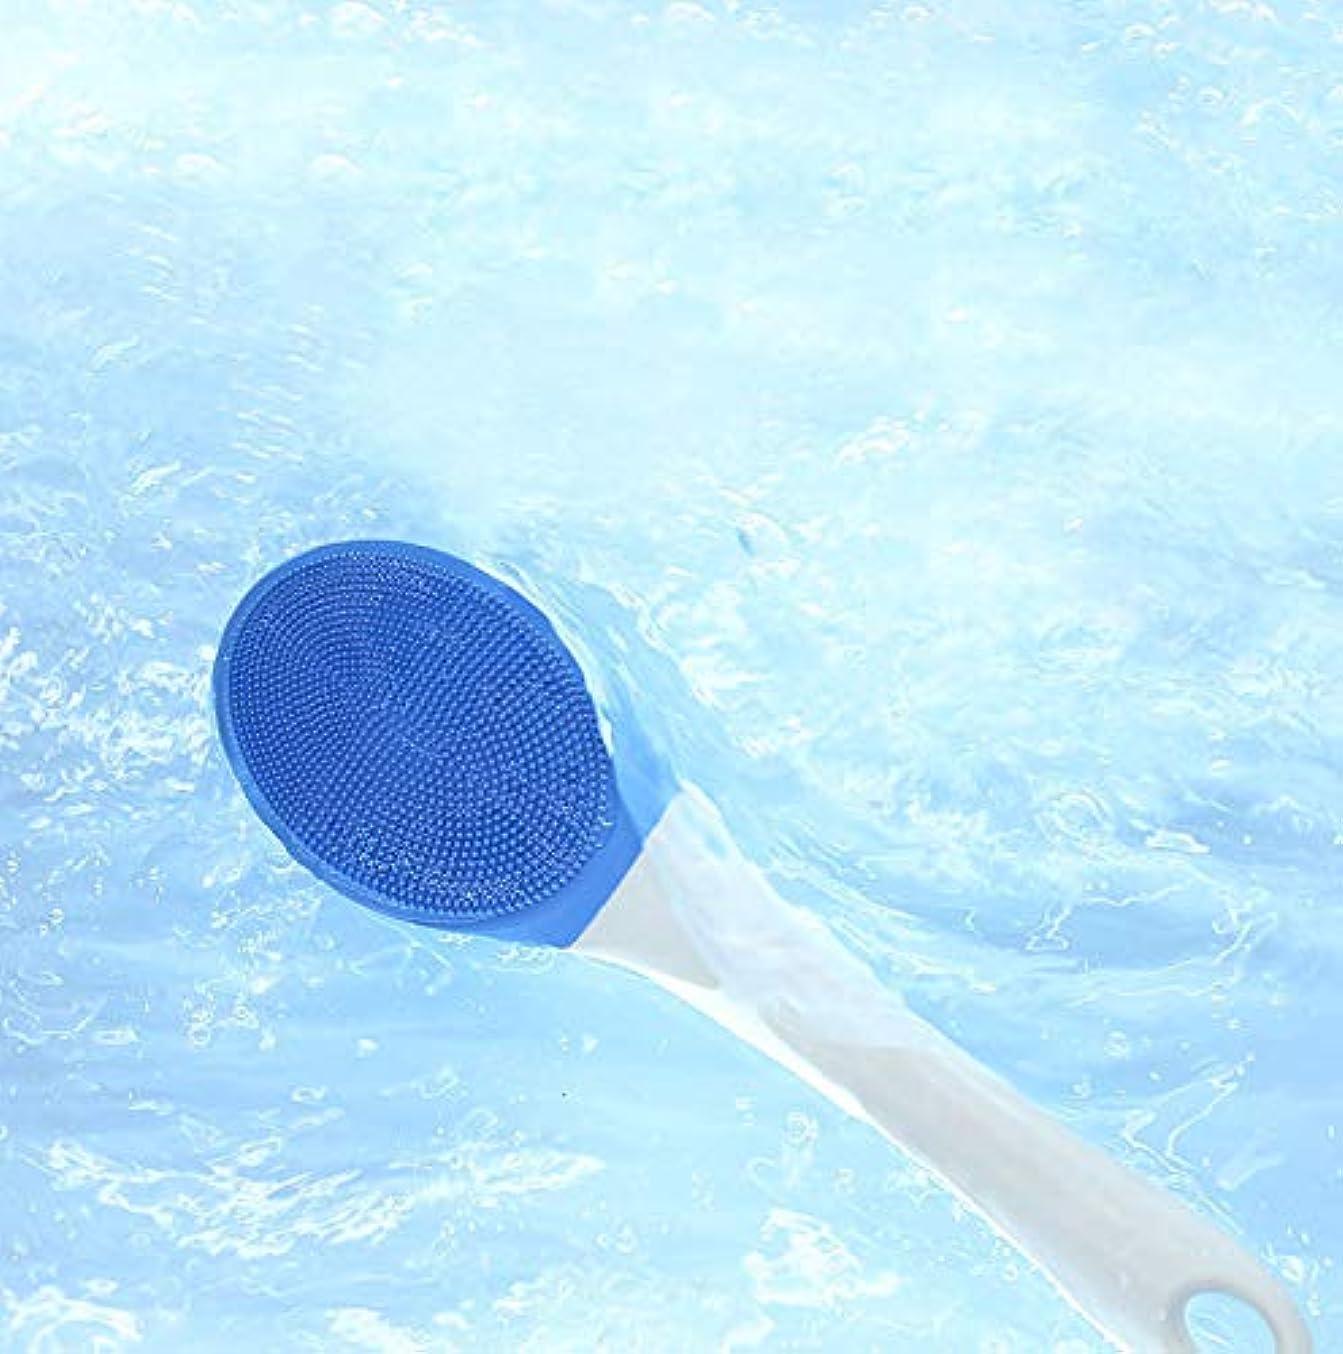 インシュレータ理論的ラベル電気バスブラシ、防水ボディ、洗顔ブラシロングハンドルソニック電動スクラバーディープクリーニング用3スピード調整可能なパルス振動,Blue